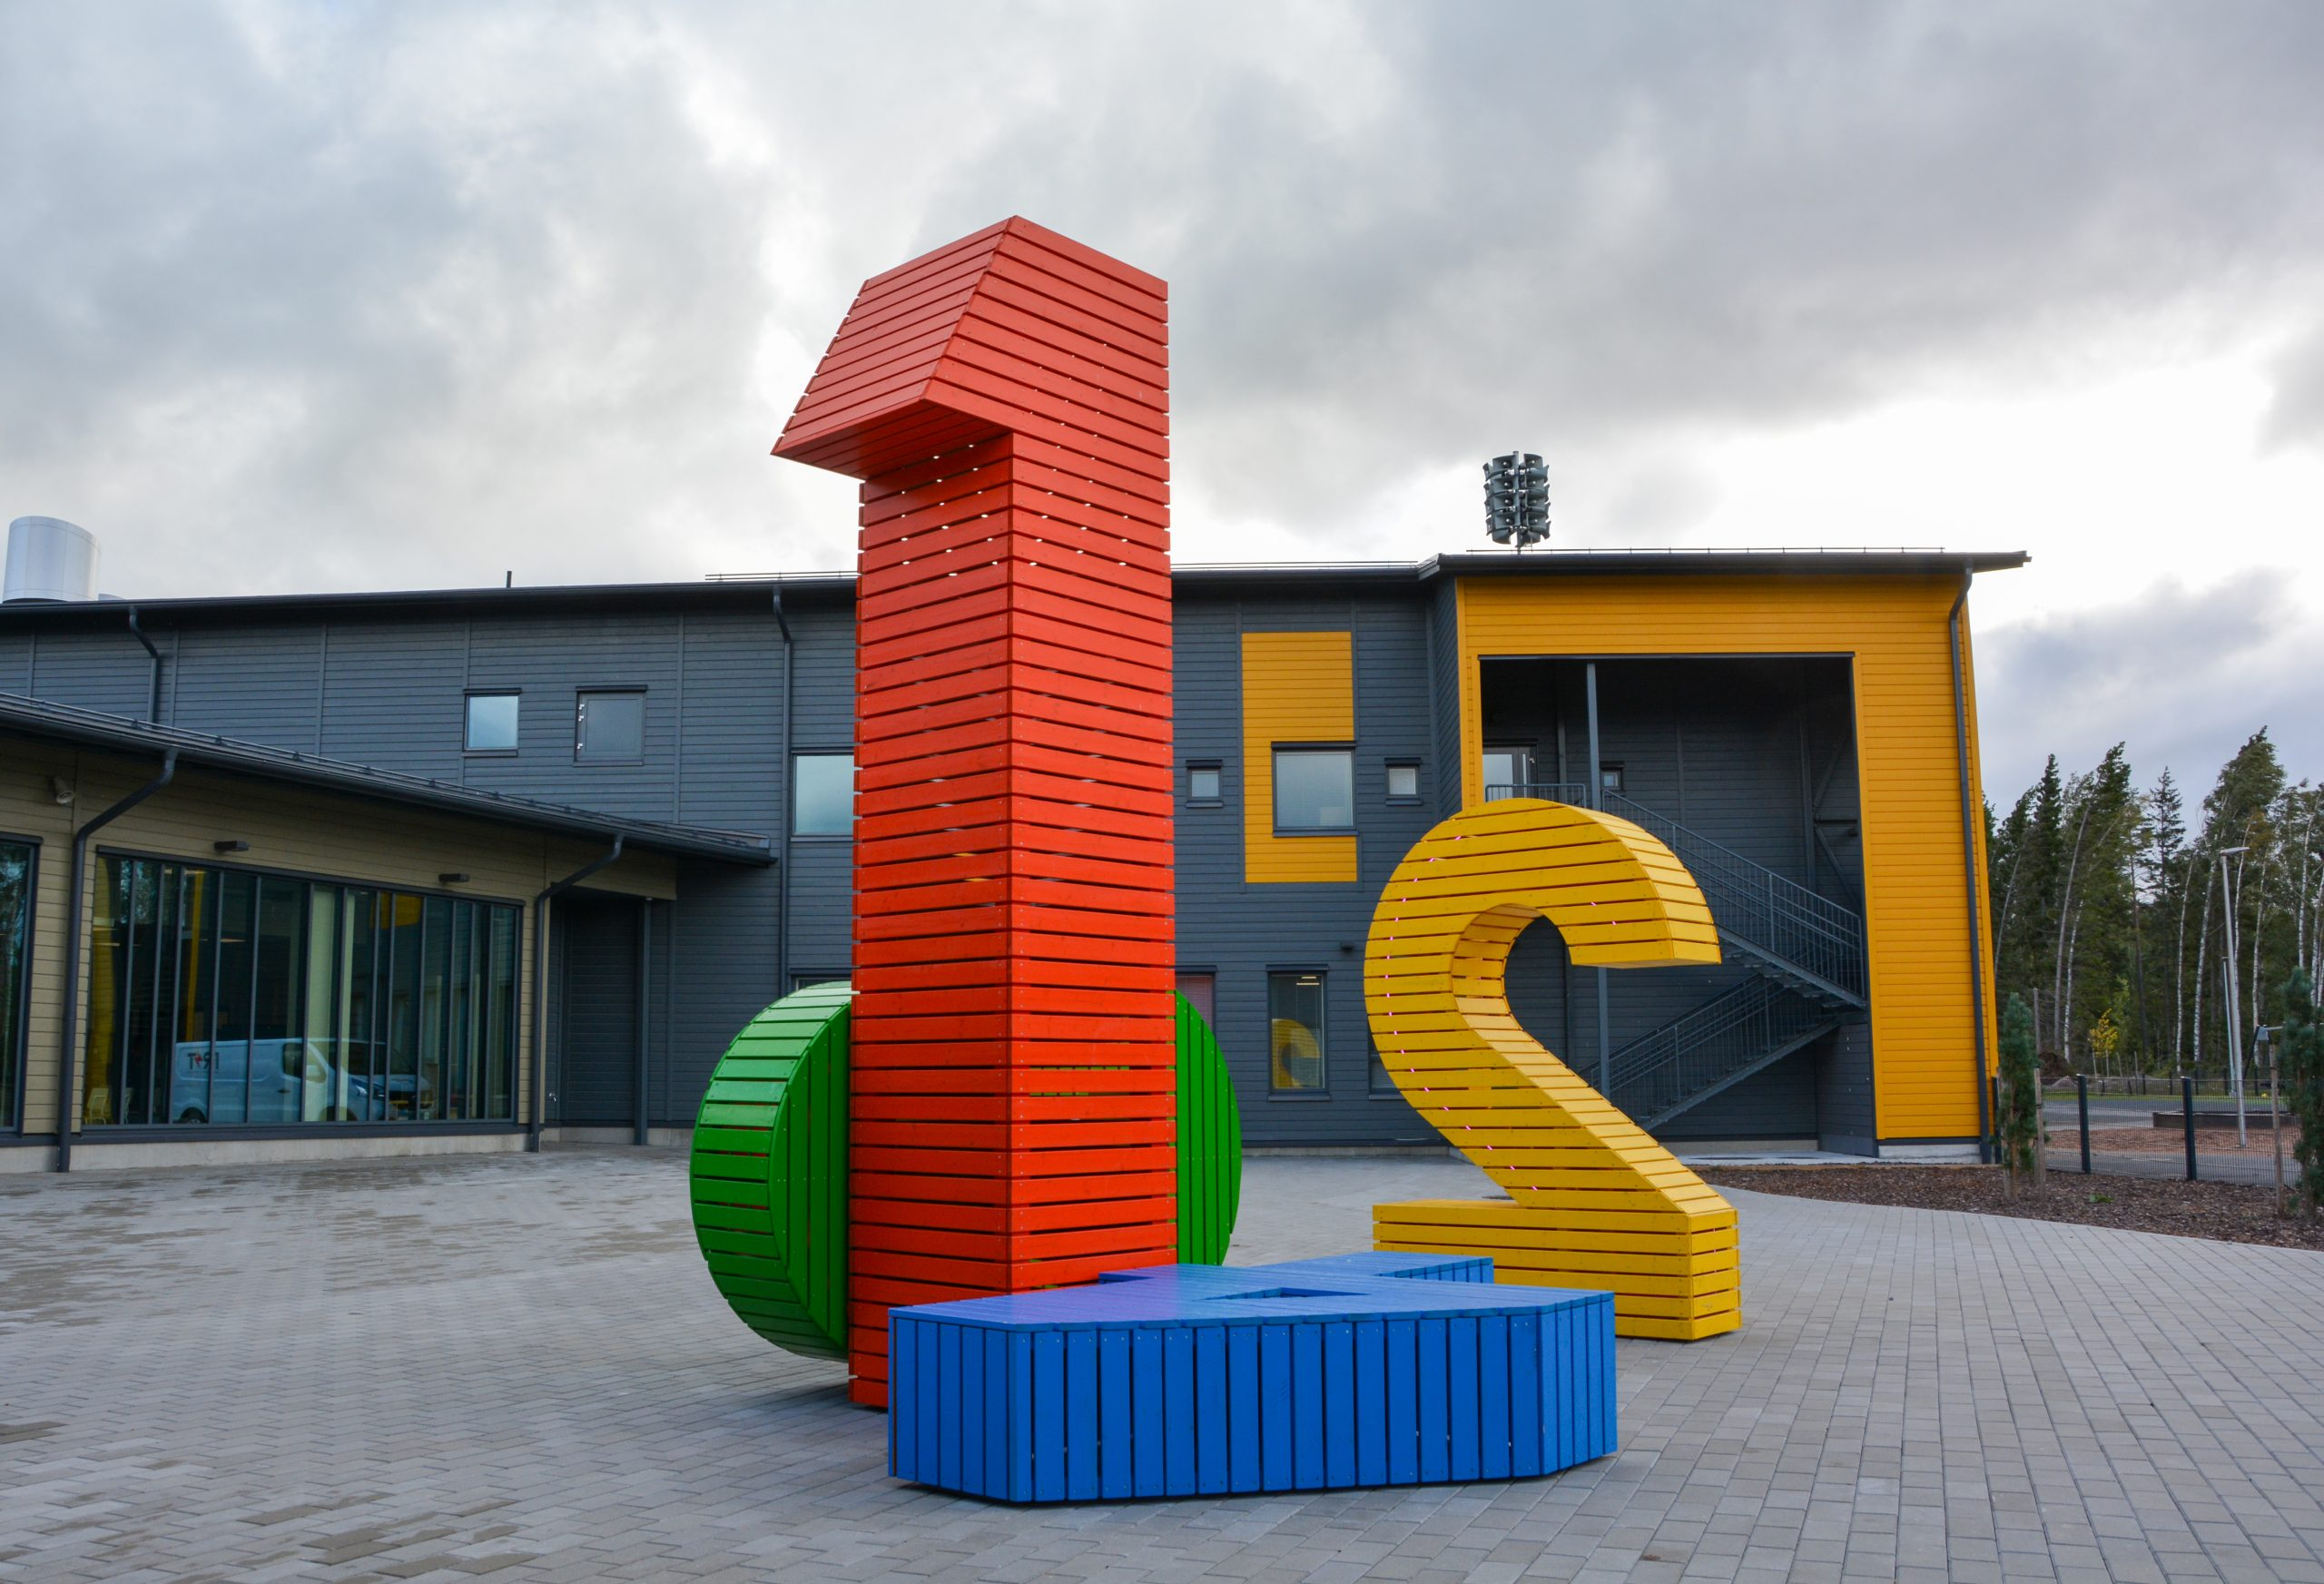 Kuvassa koulurakennuksen pihassa eri värisistä numeroista koostuva teos. Punainen numero yksi seisoo keskellä. Takana keltainen numero kaksi. Muutama numero kallellaan.